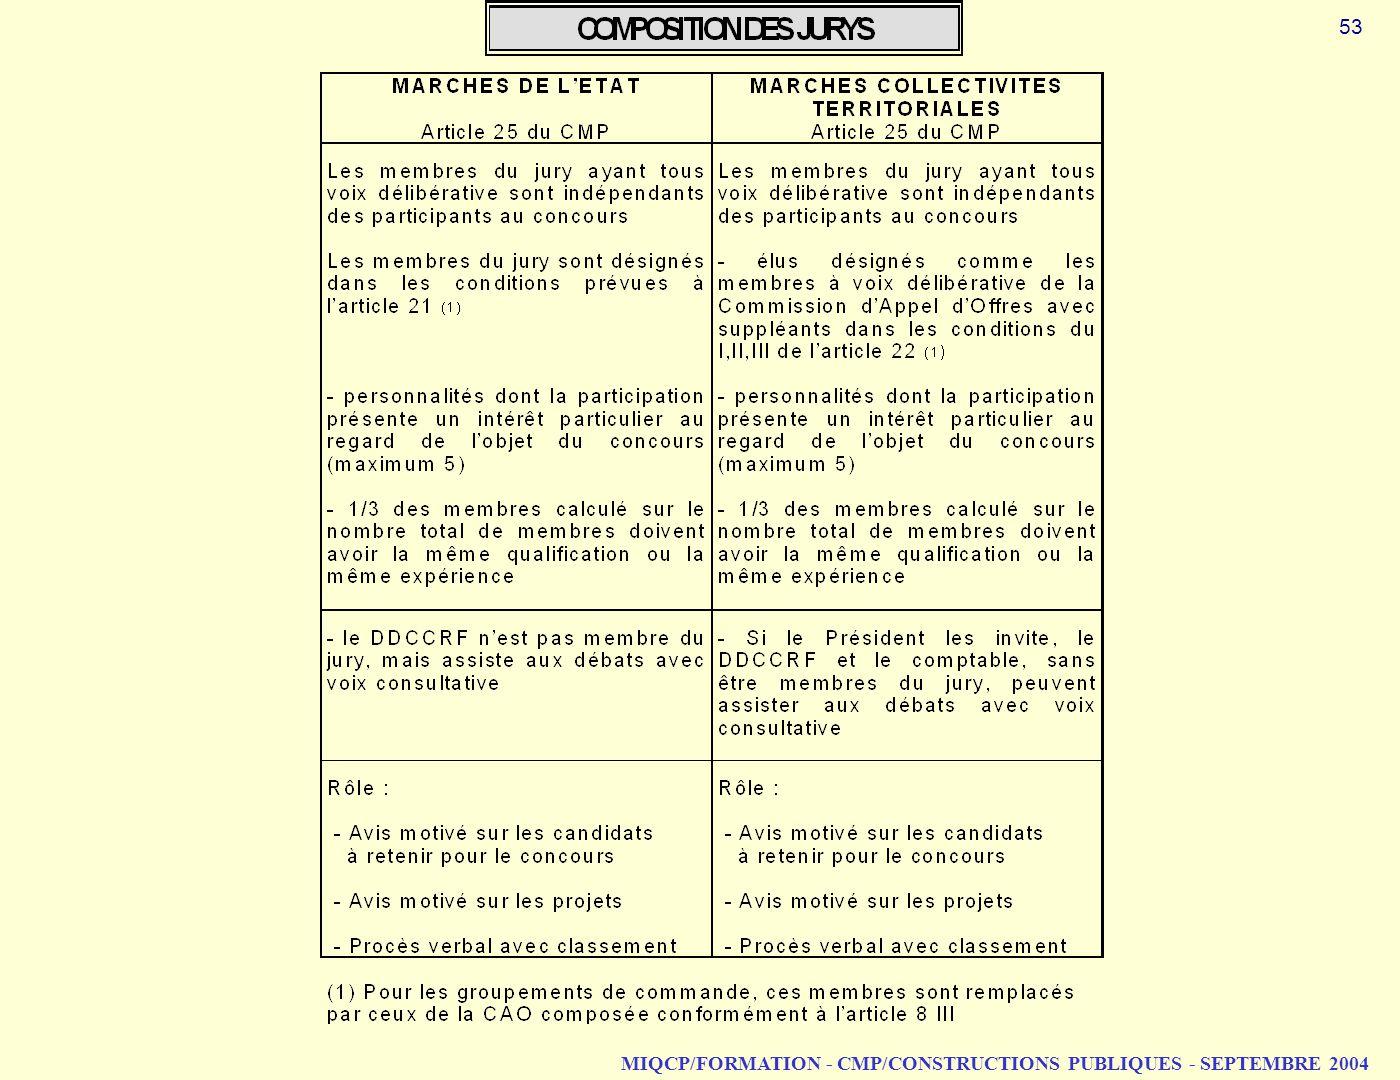 MIQCP/FORMATION - CMP/CONSTRUCTIONS PUBLIQUES - SEPTEMBRE 2004 53